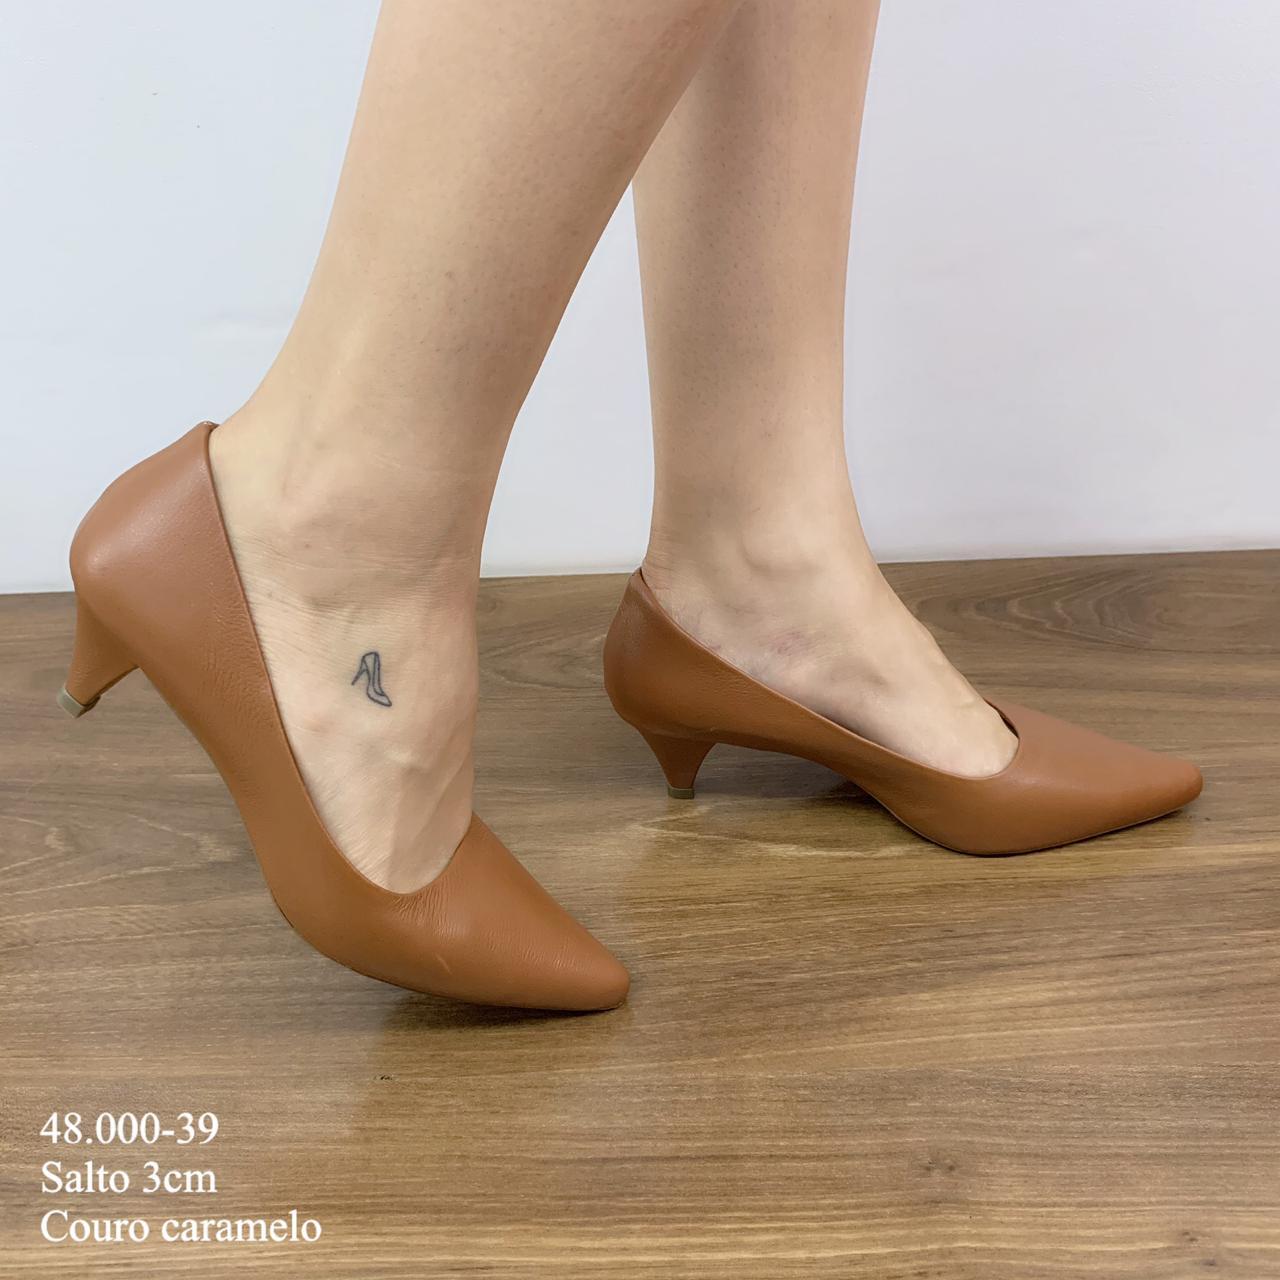 Scarpin Salto Baixo Caramelo Couro | D-48.000-39